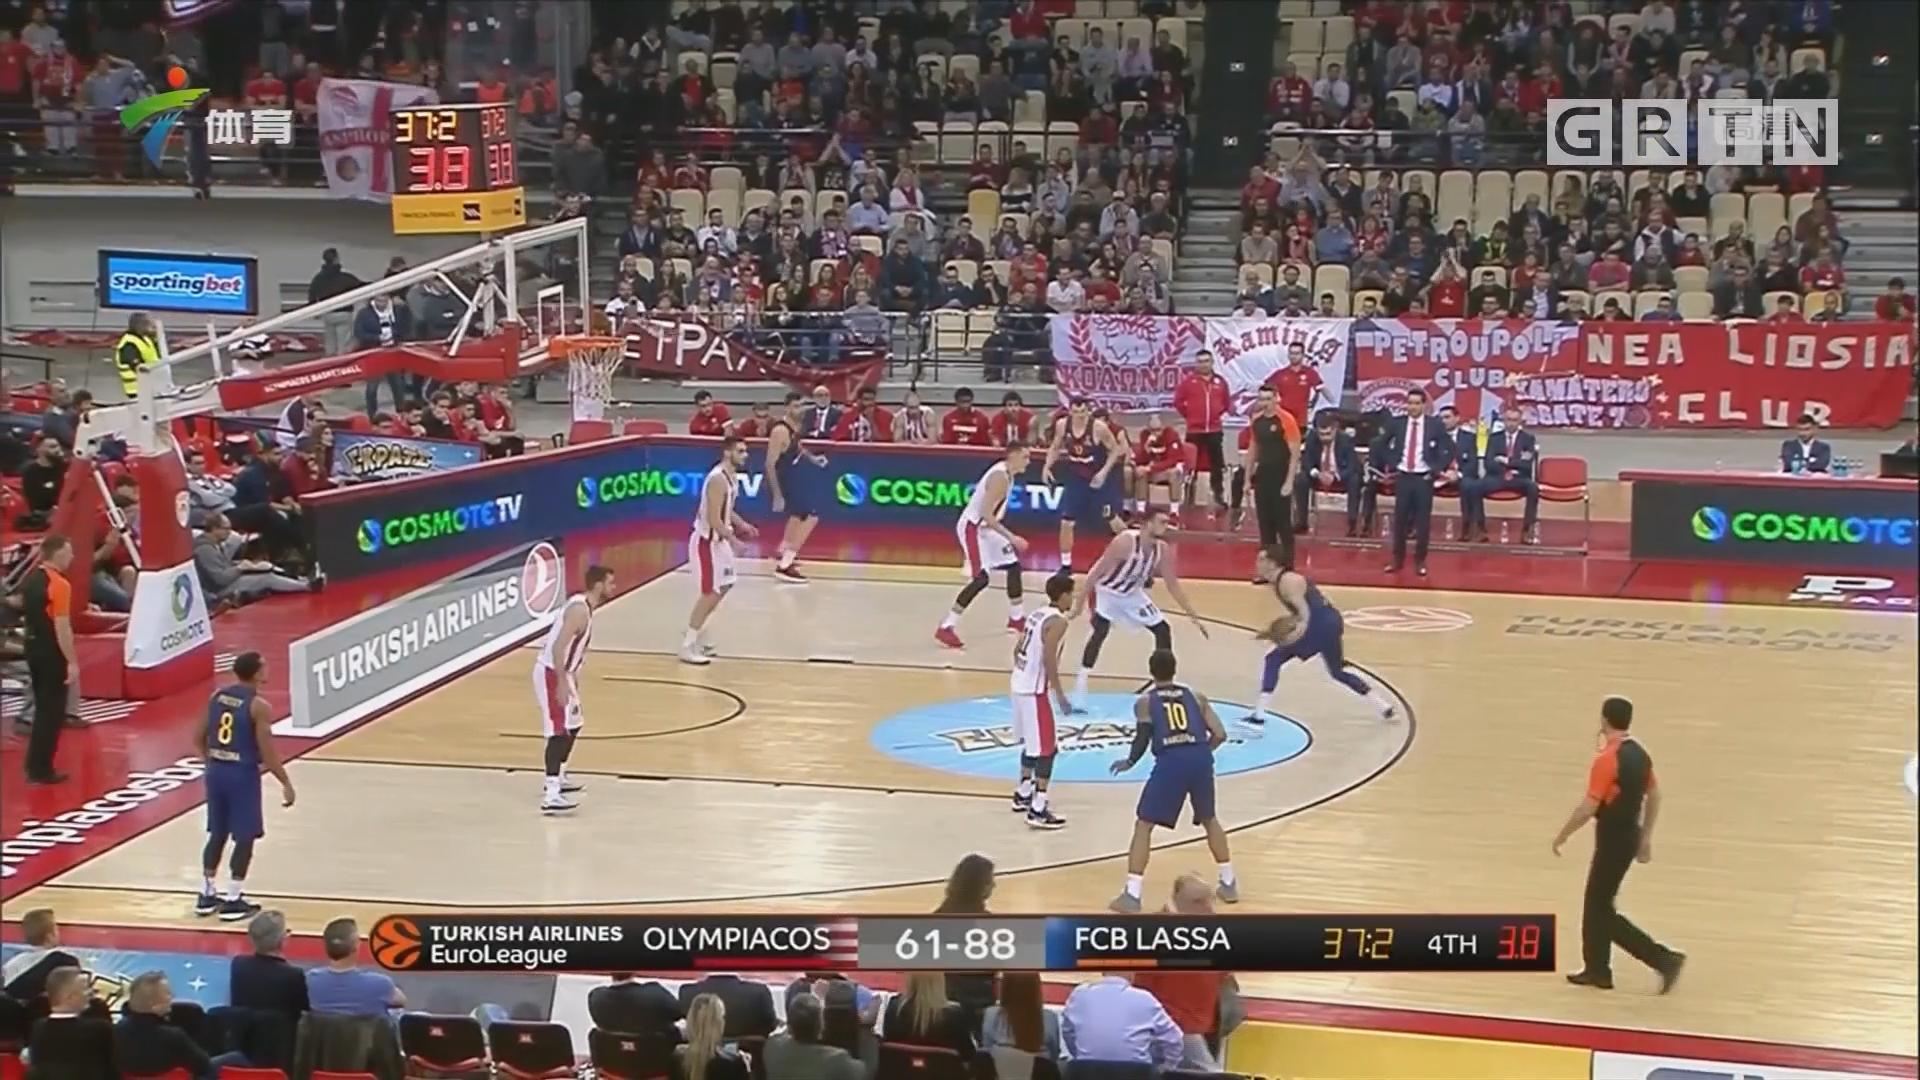 欧洲篮球冠军联赛 巴萨、莎萨基客场获大胜